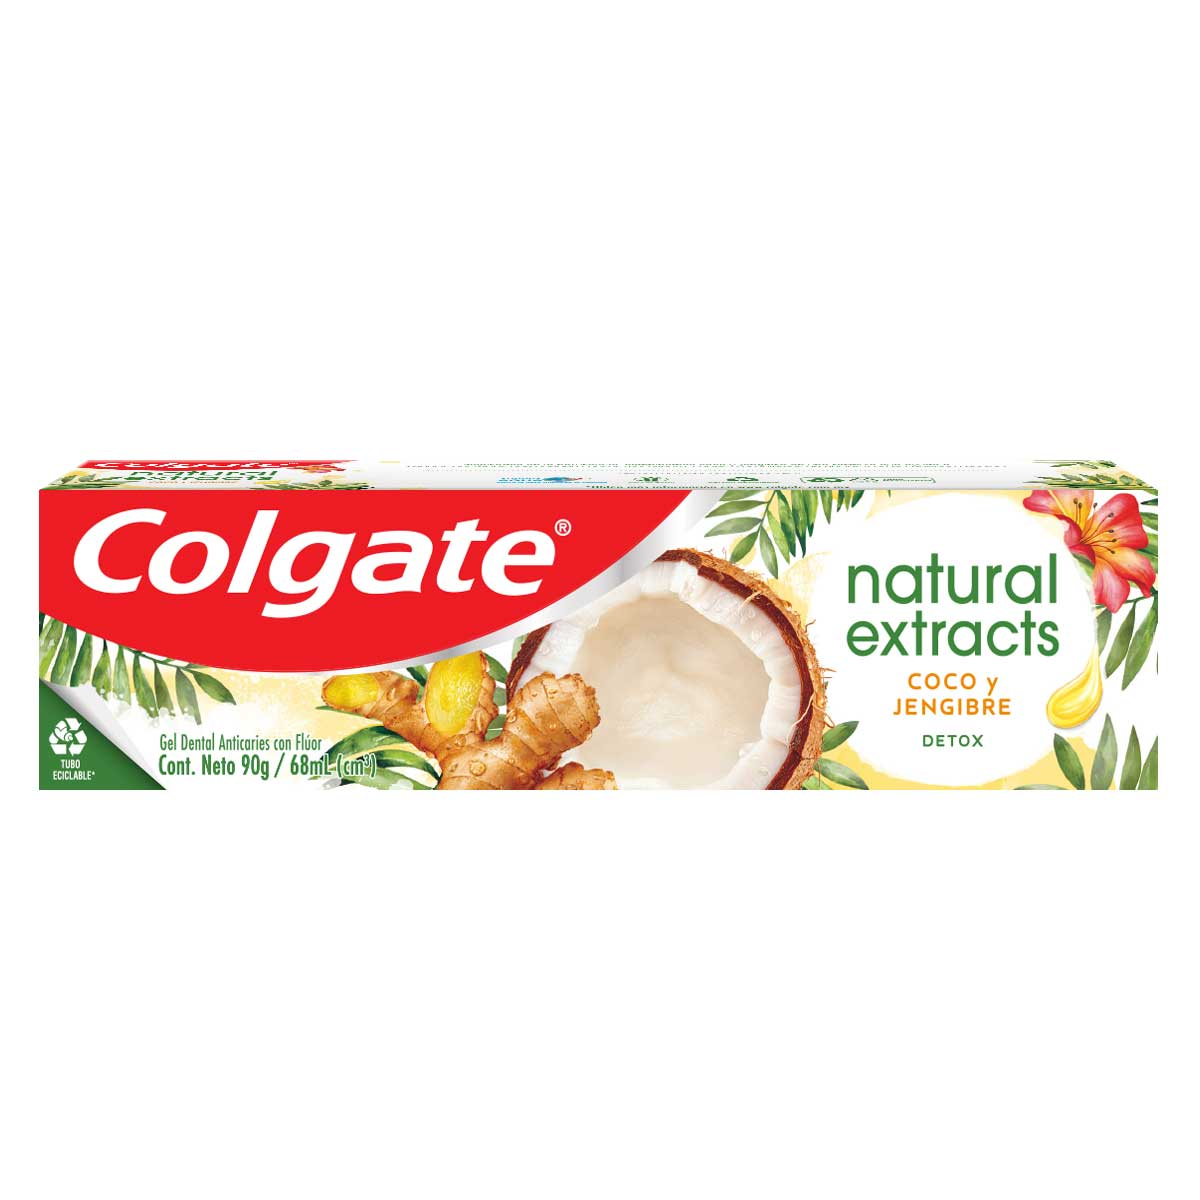 CREMA DENTAL COLGATE NATURAL COCO Y JENGIBRE 90GR